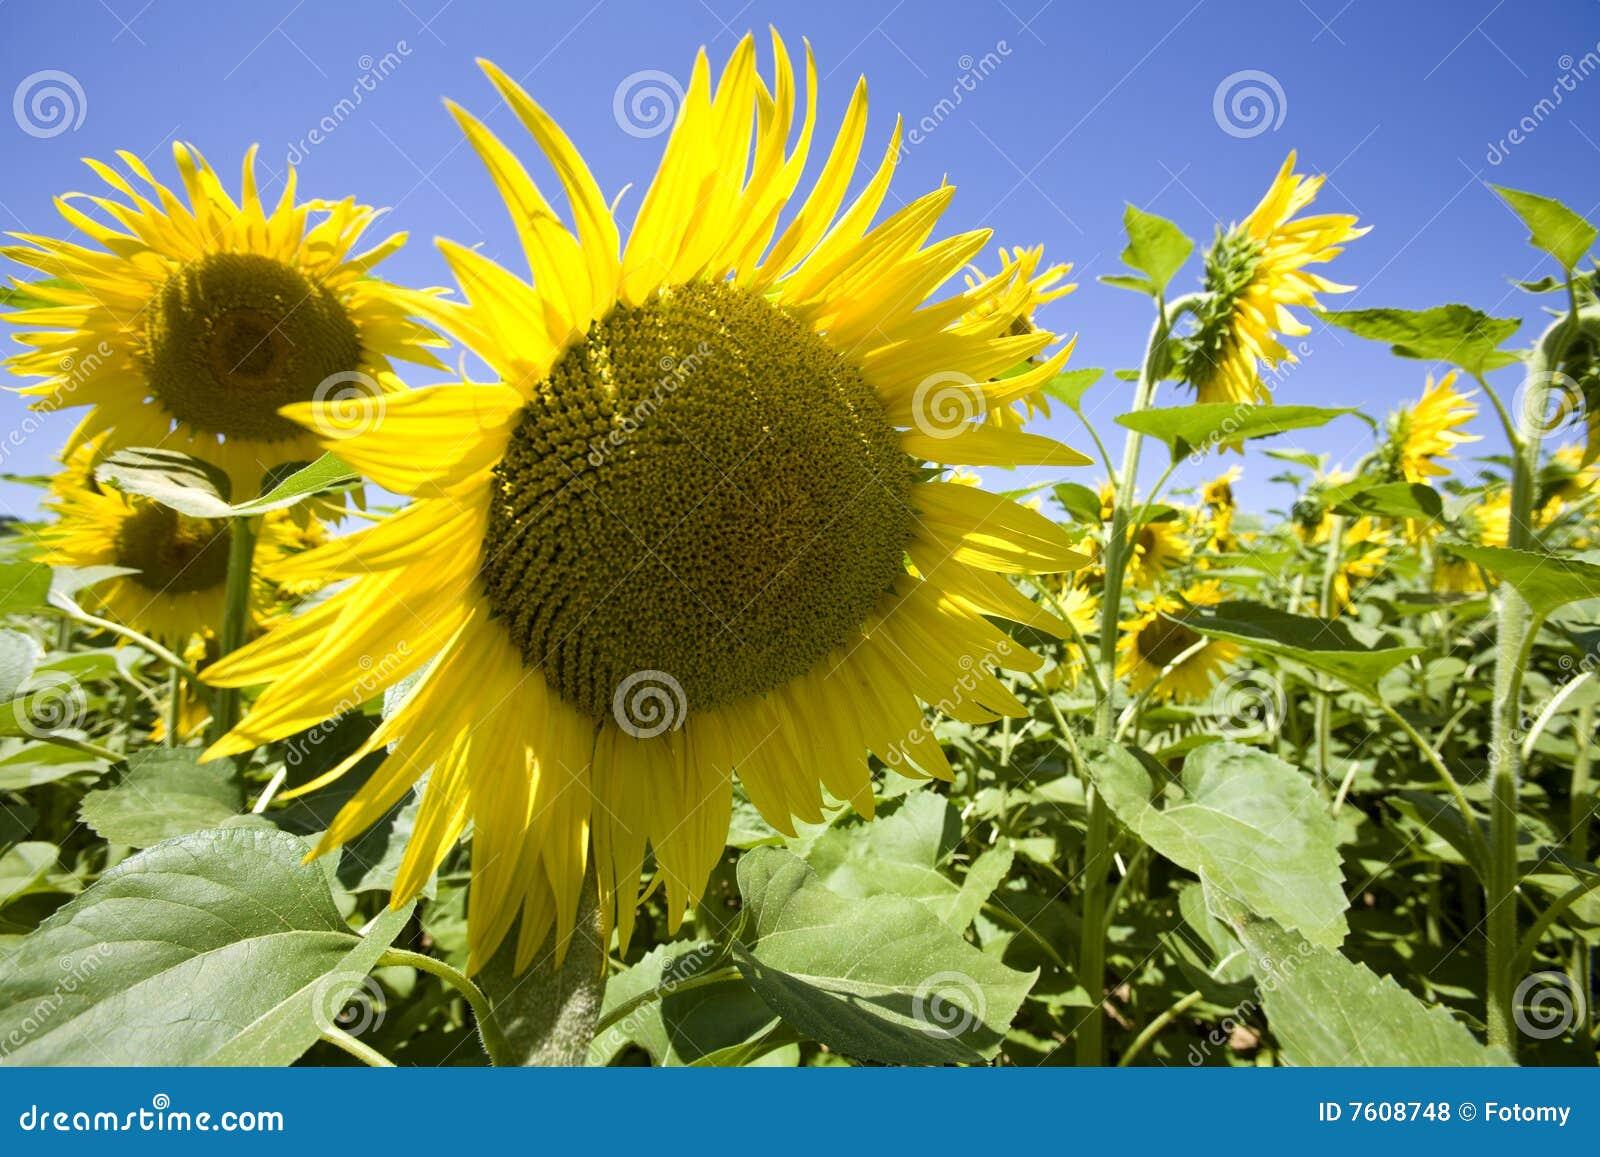 域生长向日葵